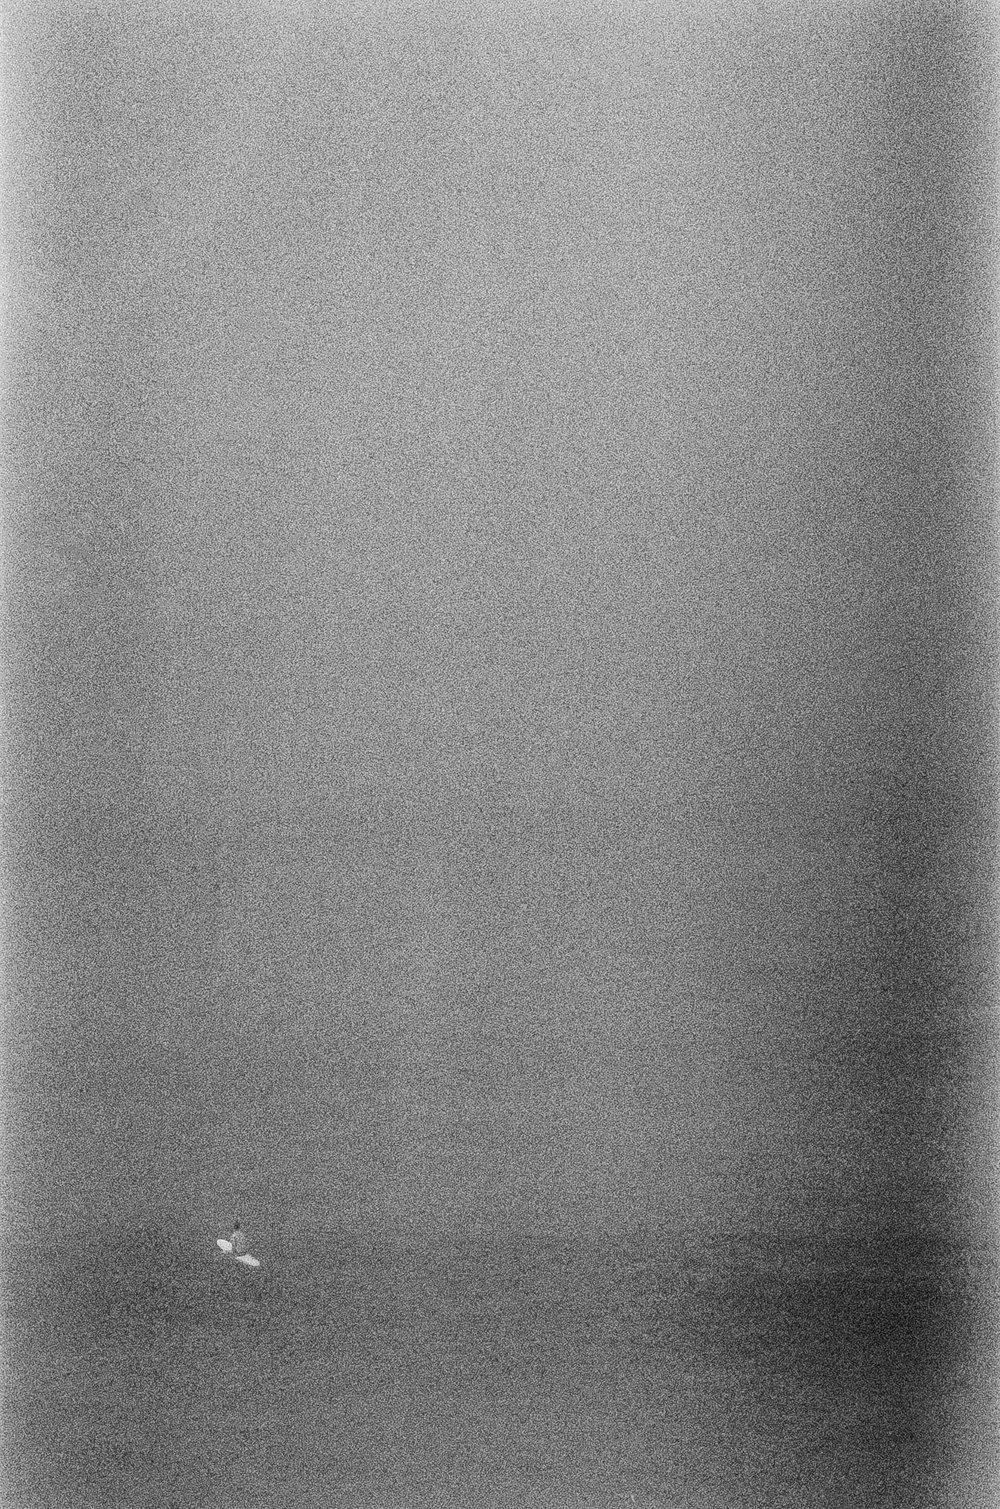 Fog on film